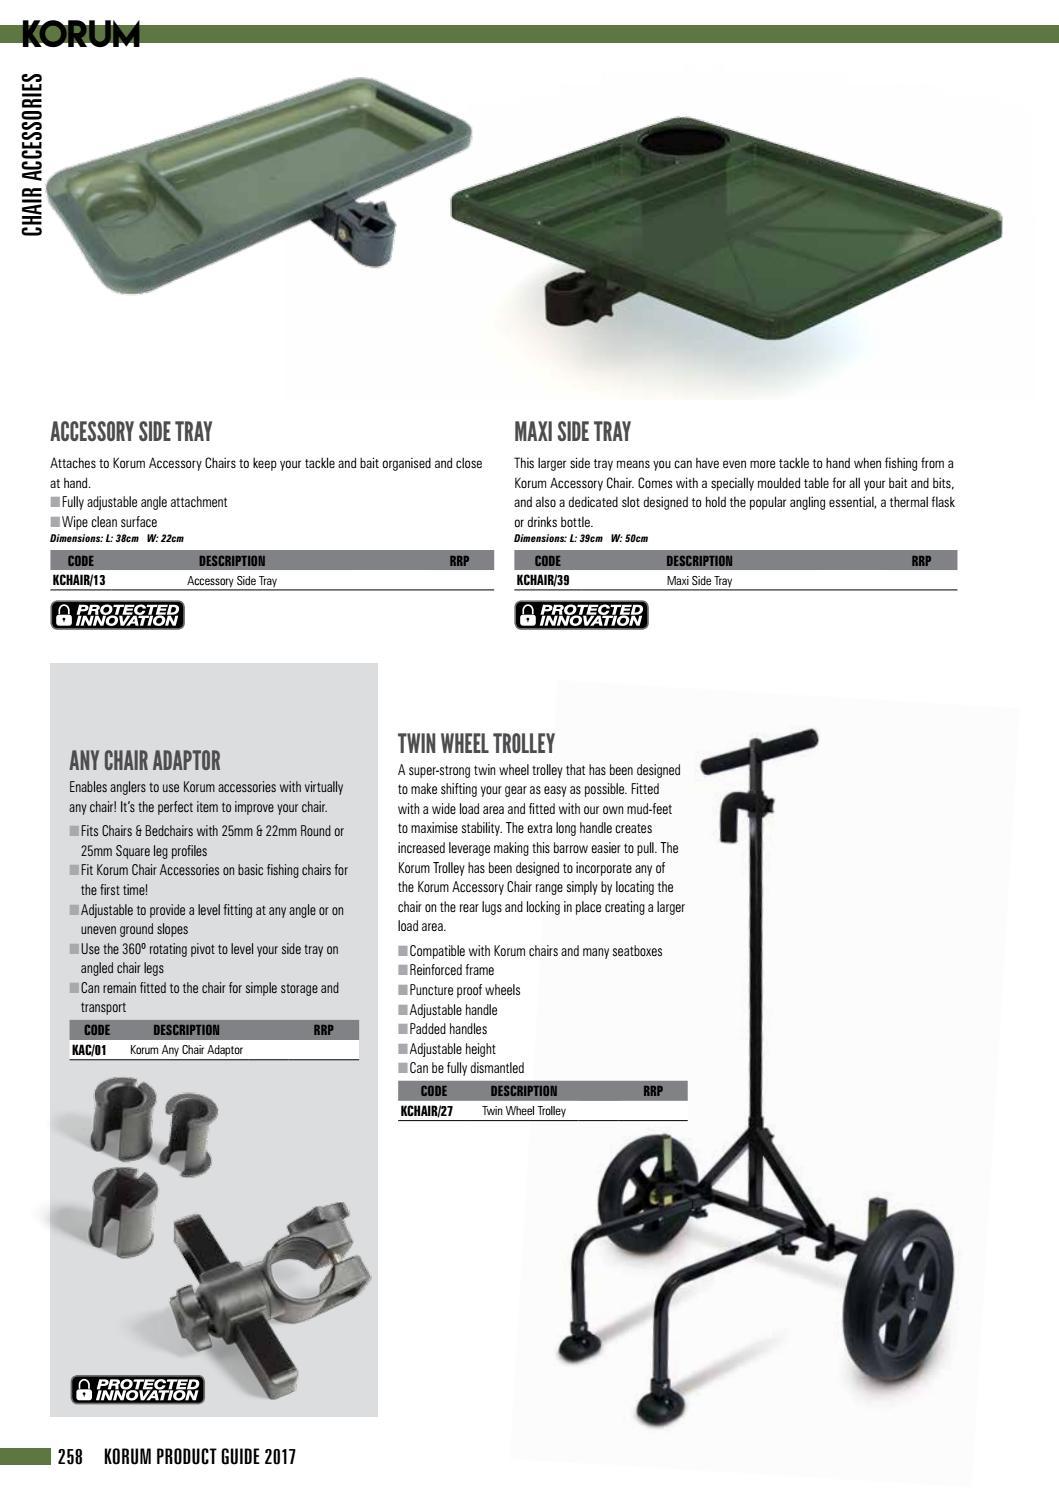 fishing chair hand wheel korum kit consumer guide 2017 english by uk issuu